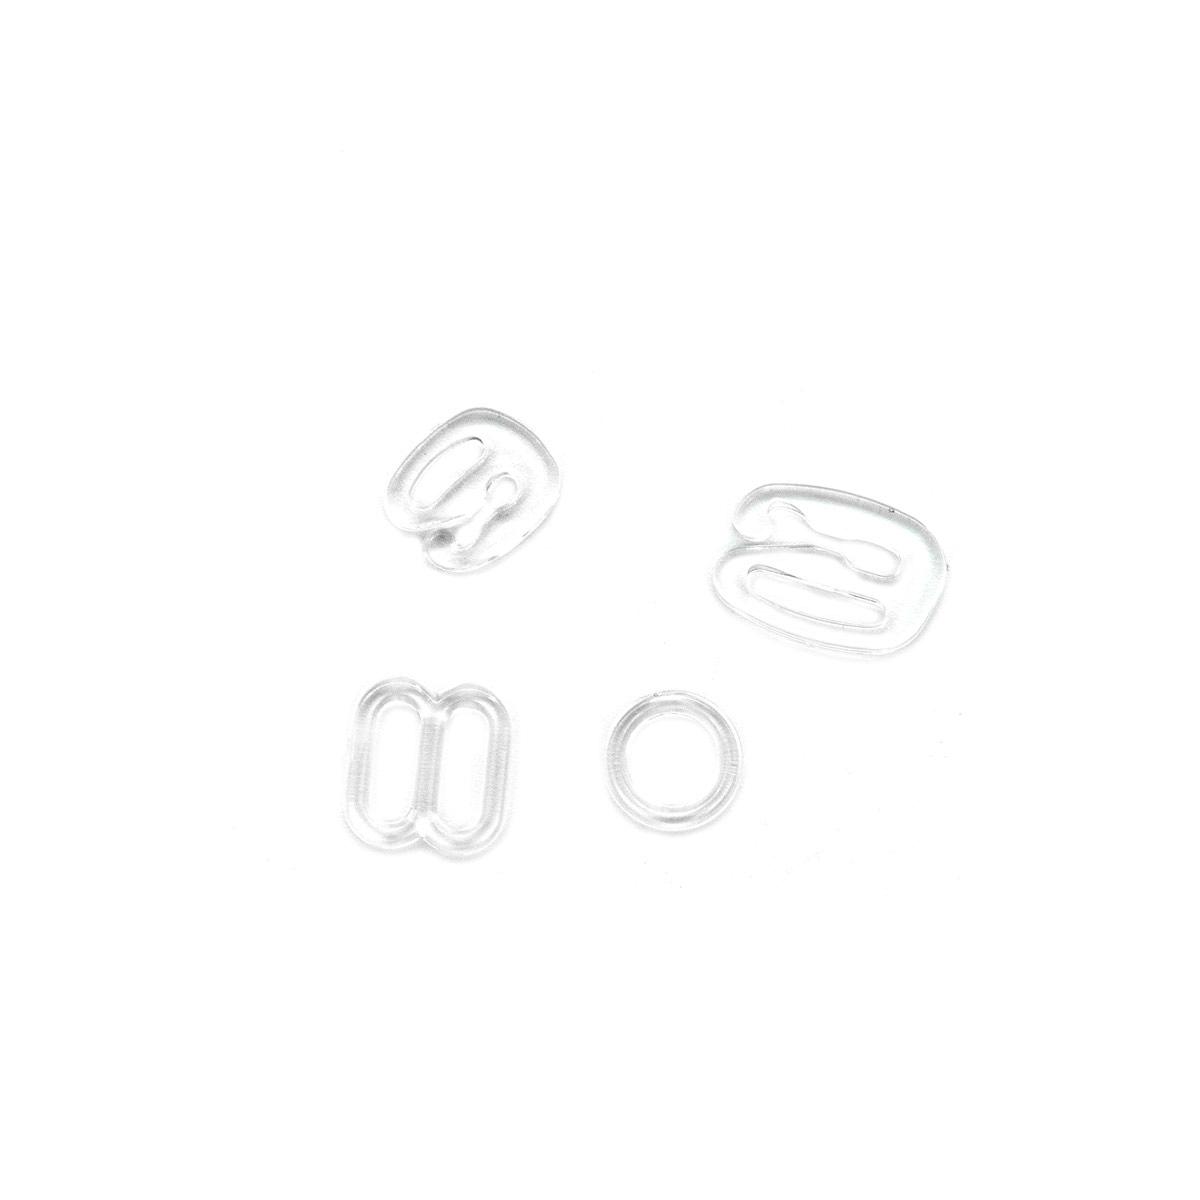 991890 Аксессуары для бюстгальтера, пластик, прозрачный, 6+8 мм, упак./12 шт., Prym